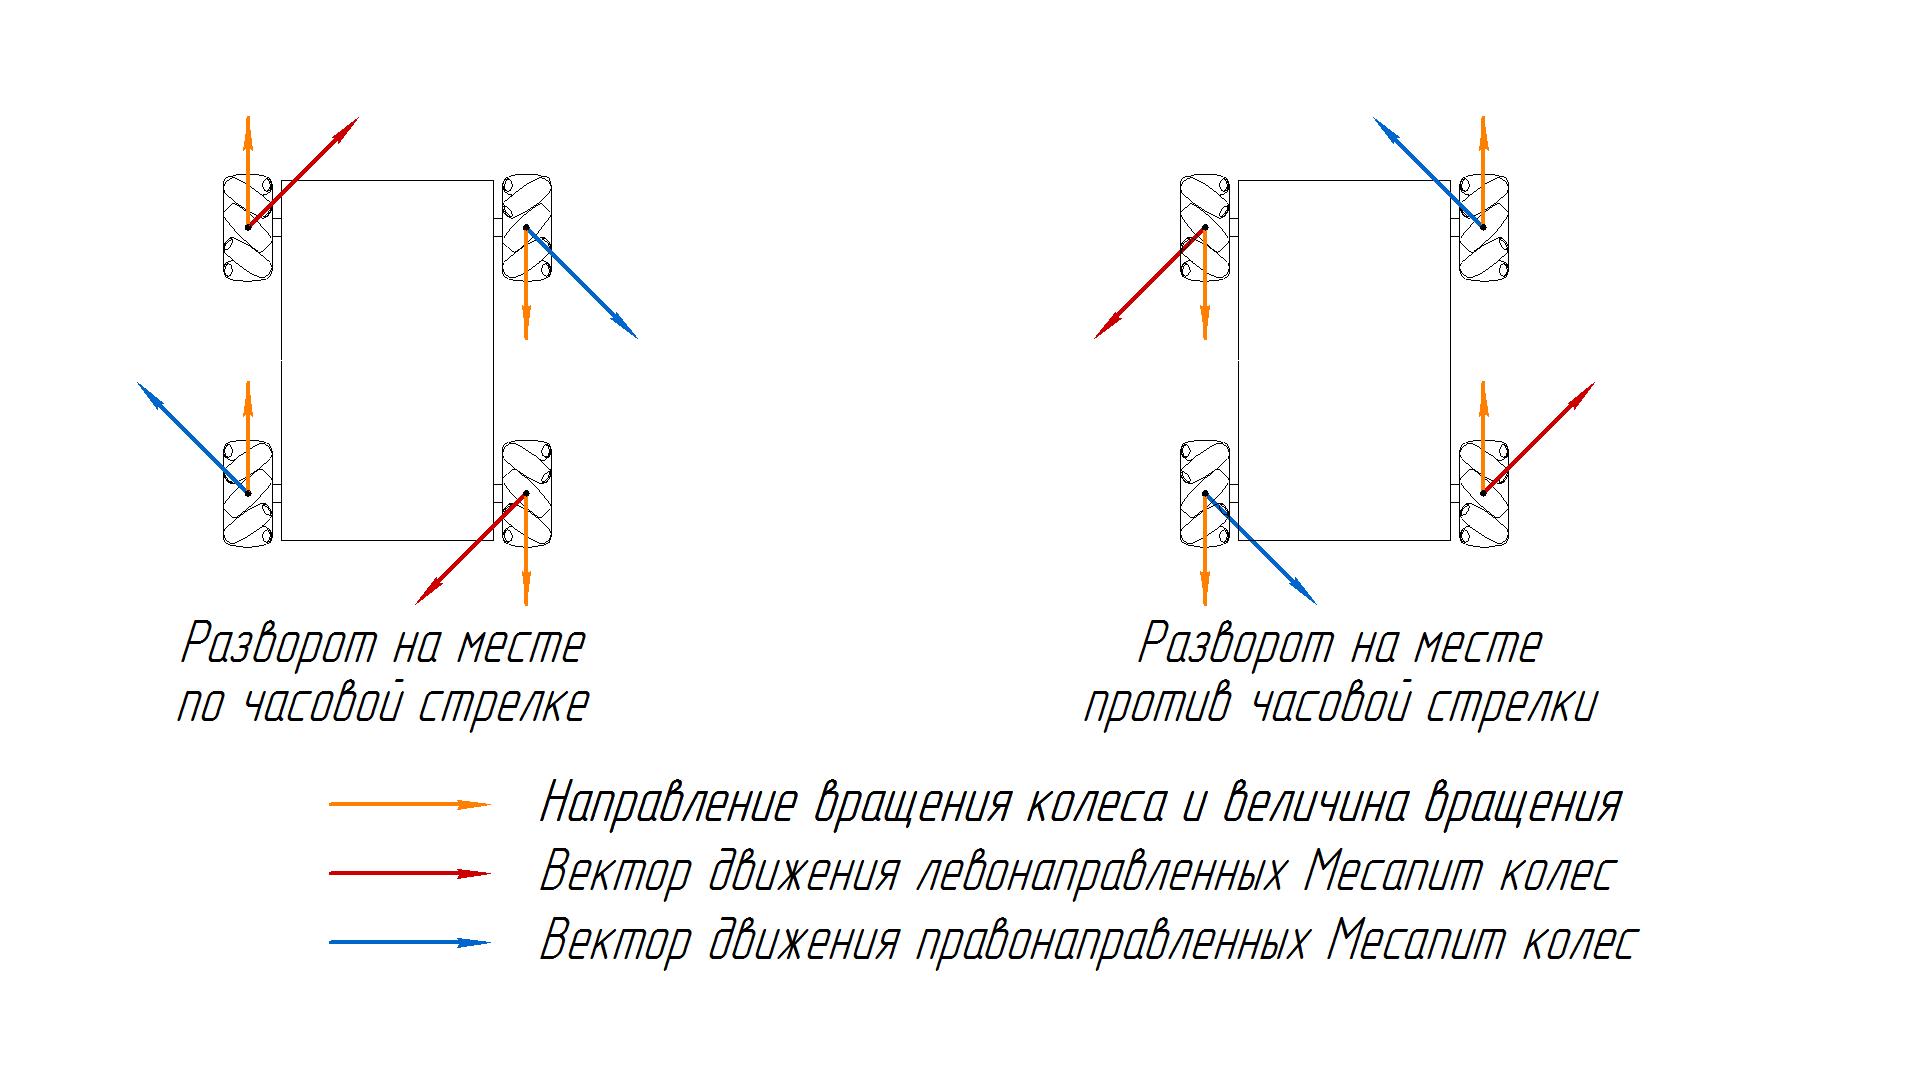 part_1_ru_robot_drive_6_scheme_4.png